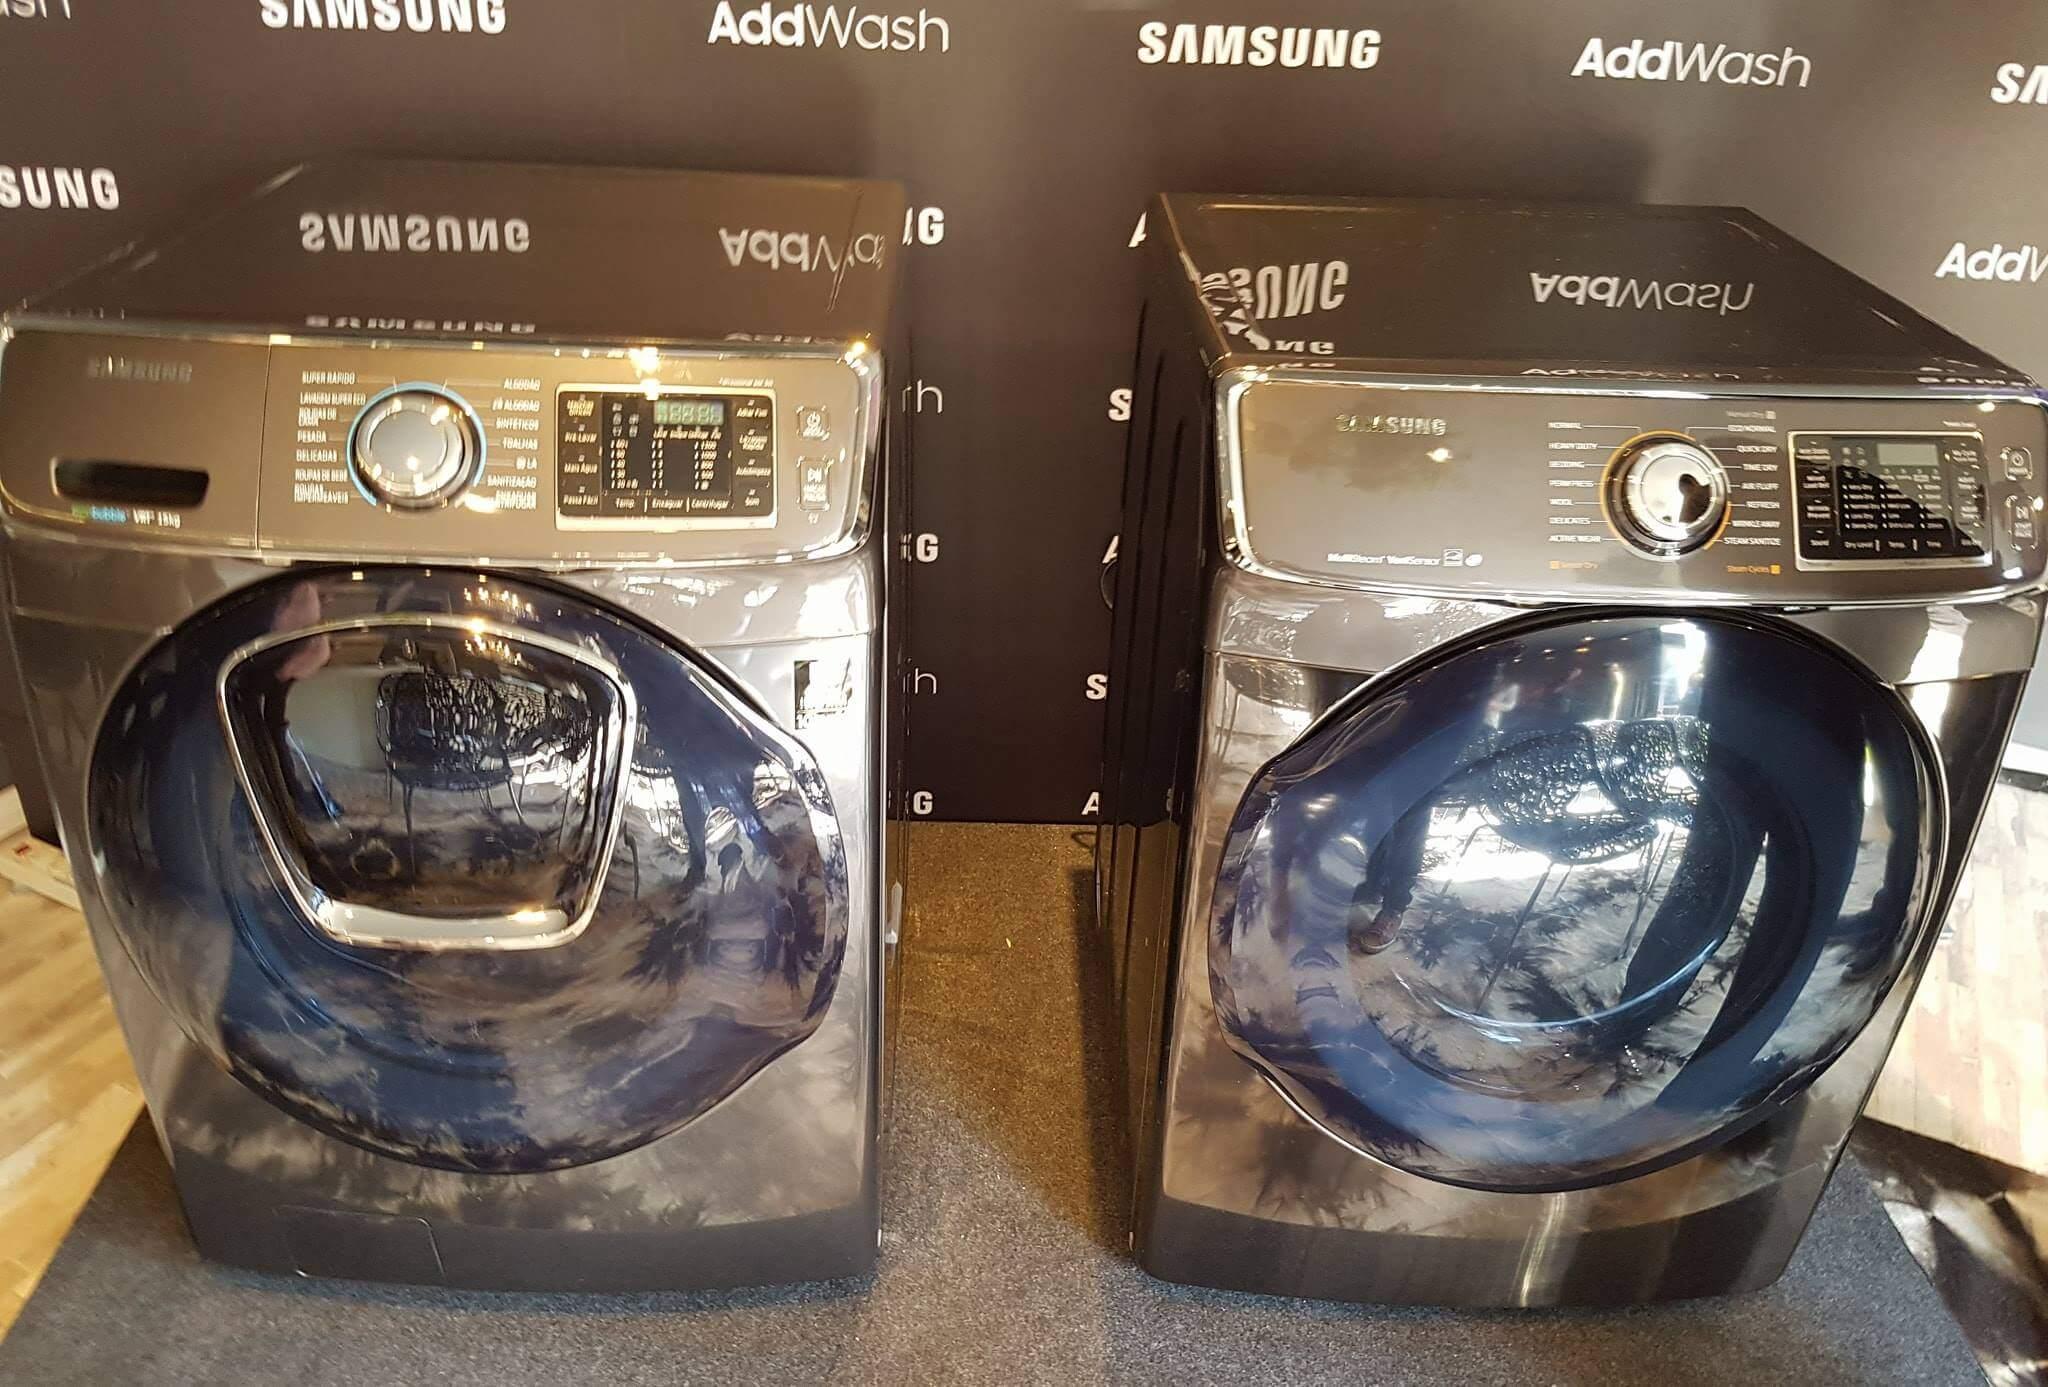 18721587 10207314490620584 585554267 o - Samsung lança linha branca AddWash com tecnologia inteligente